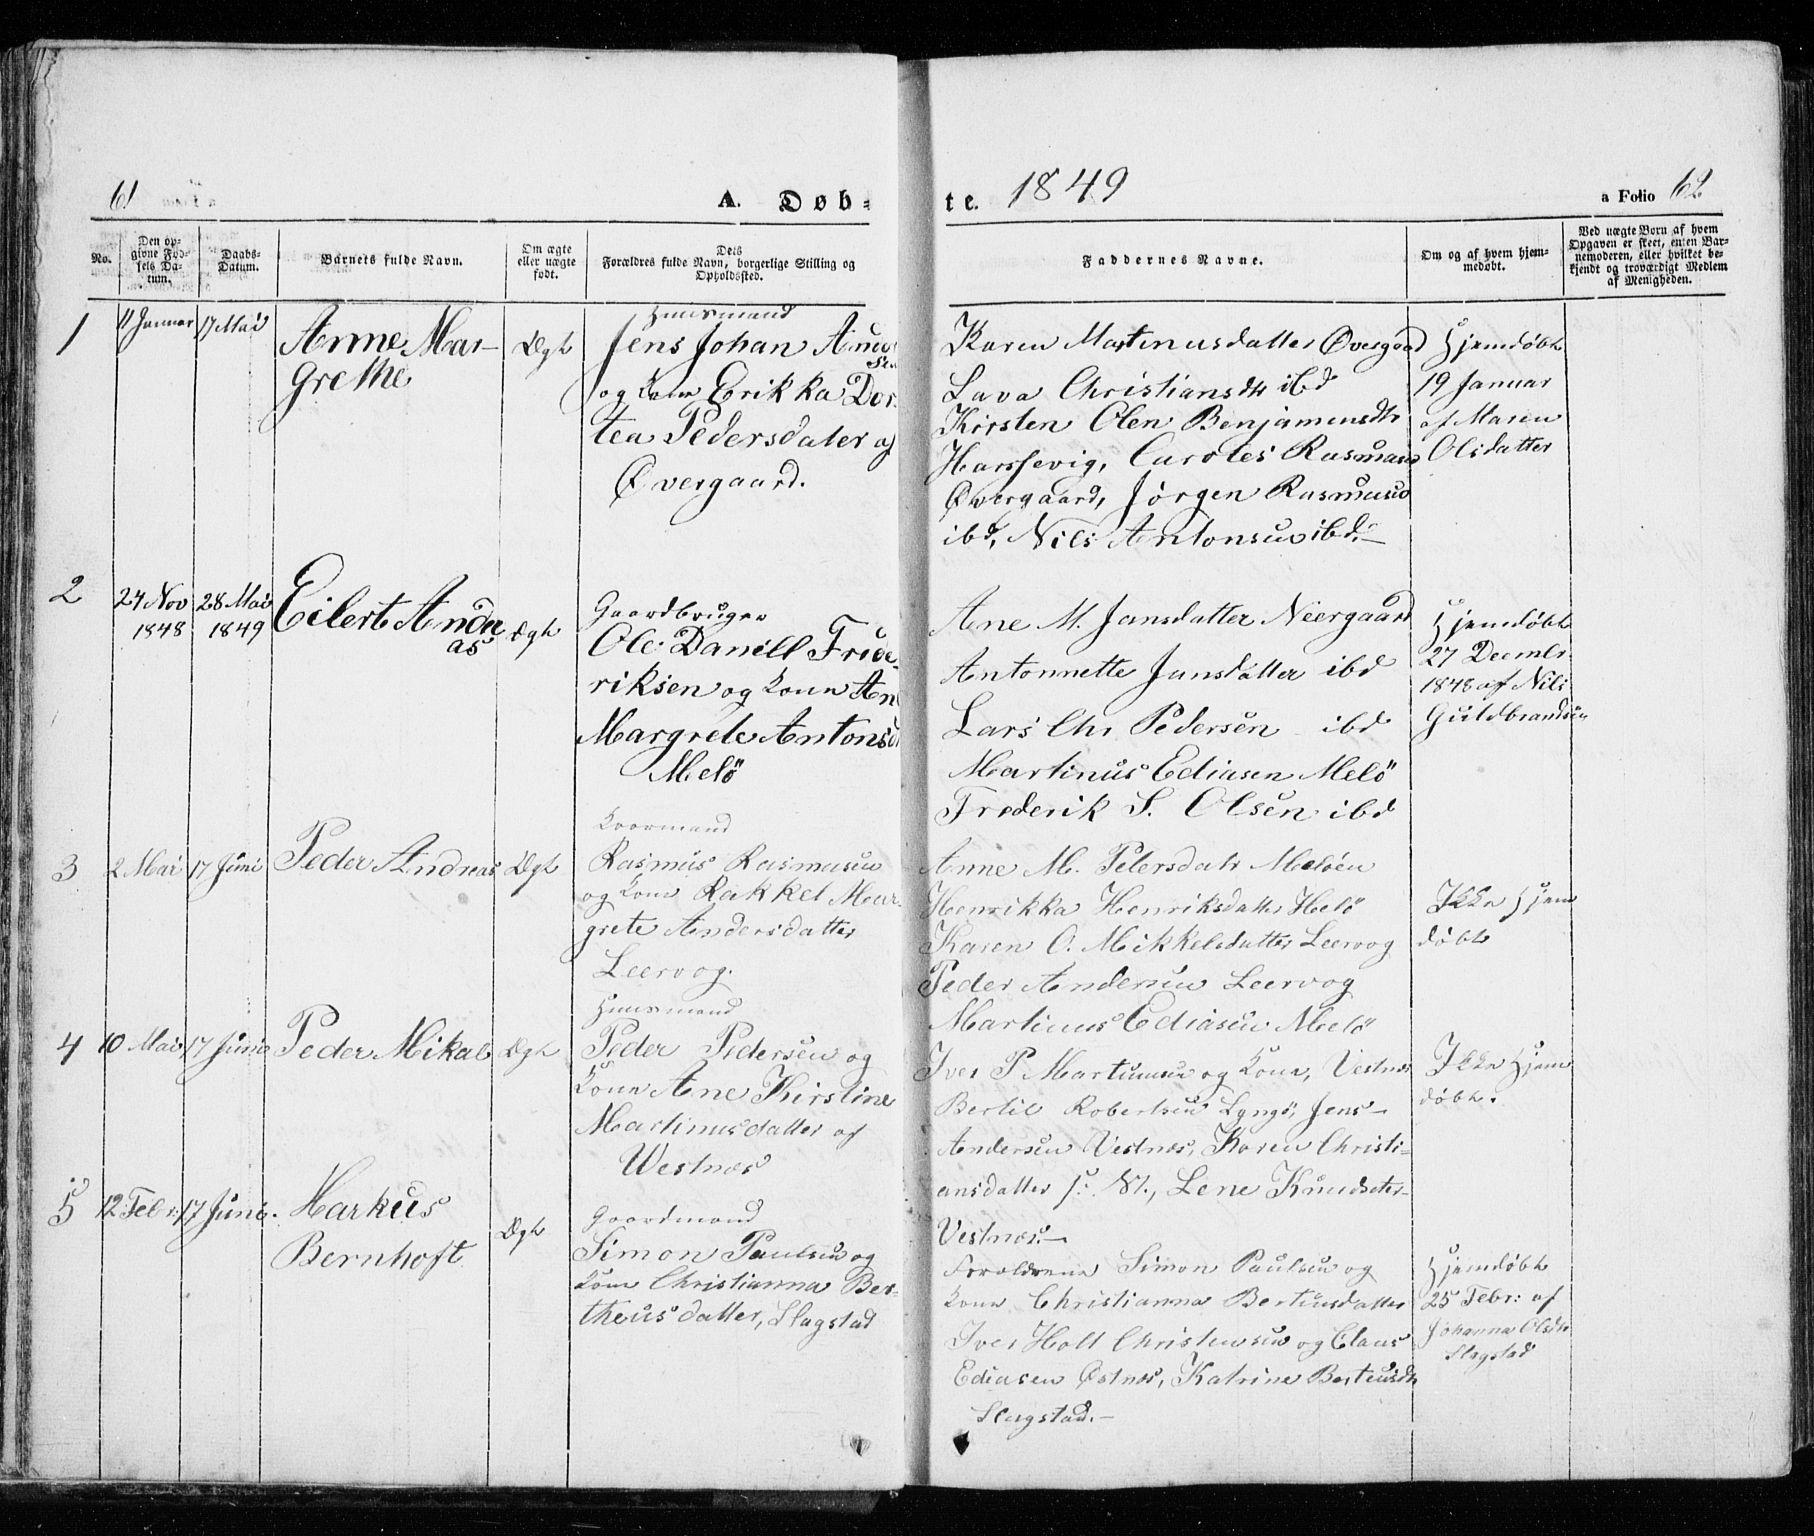 SATØ, Trondenes sokneprestkontor, H/Ha/L0010kirke: Ministerialbok nr. 10, 1840-1865, s. 61-62